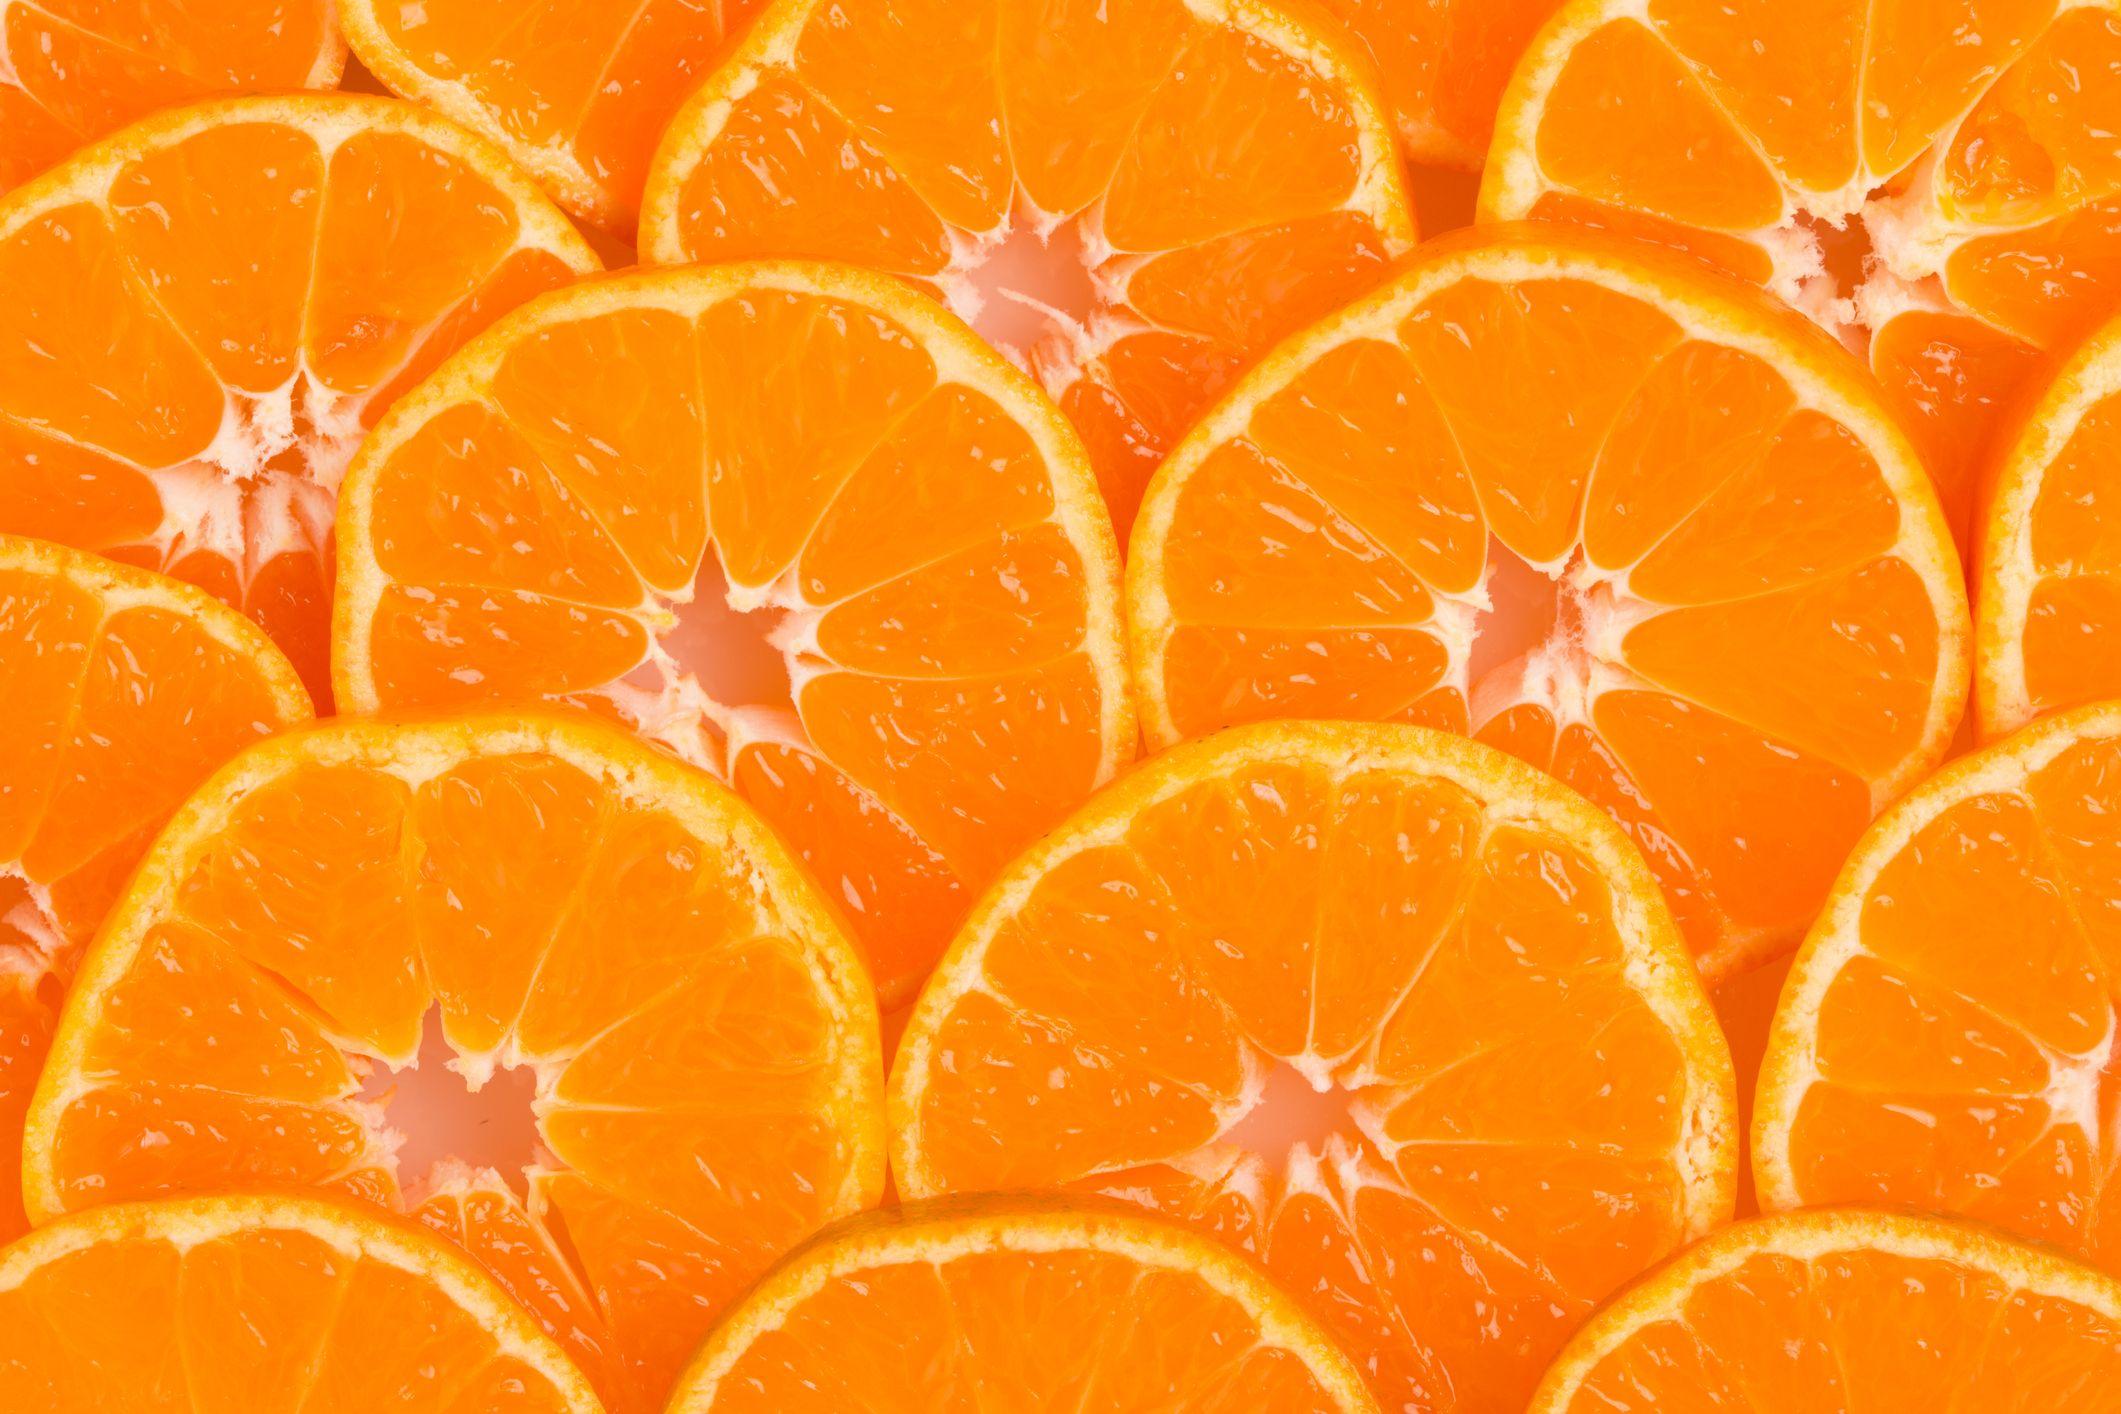 dieta chetogenica e succo darancia